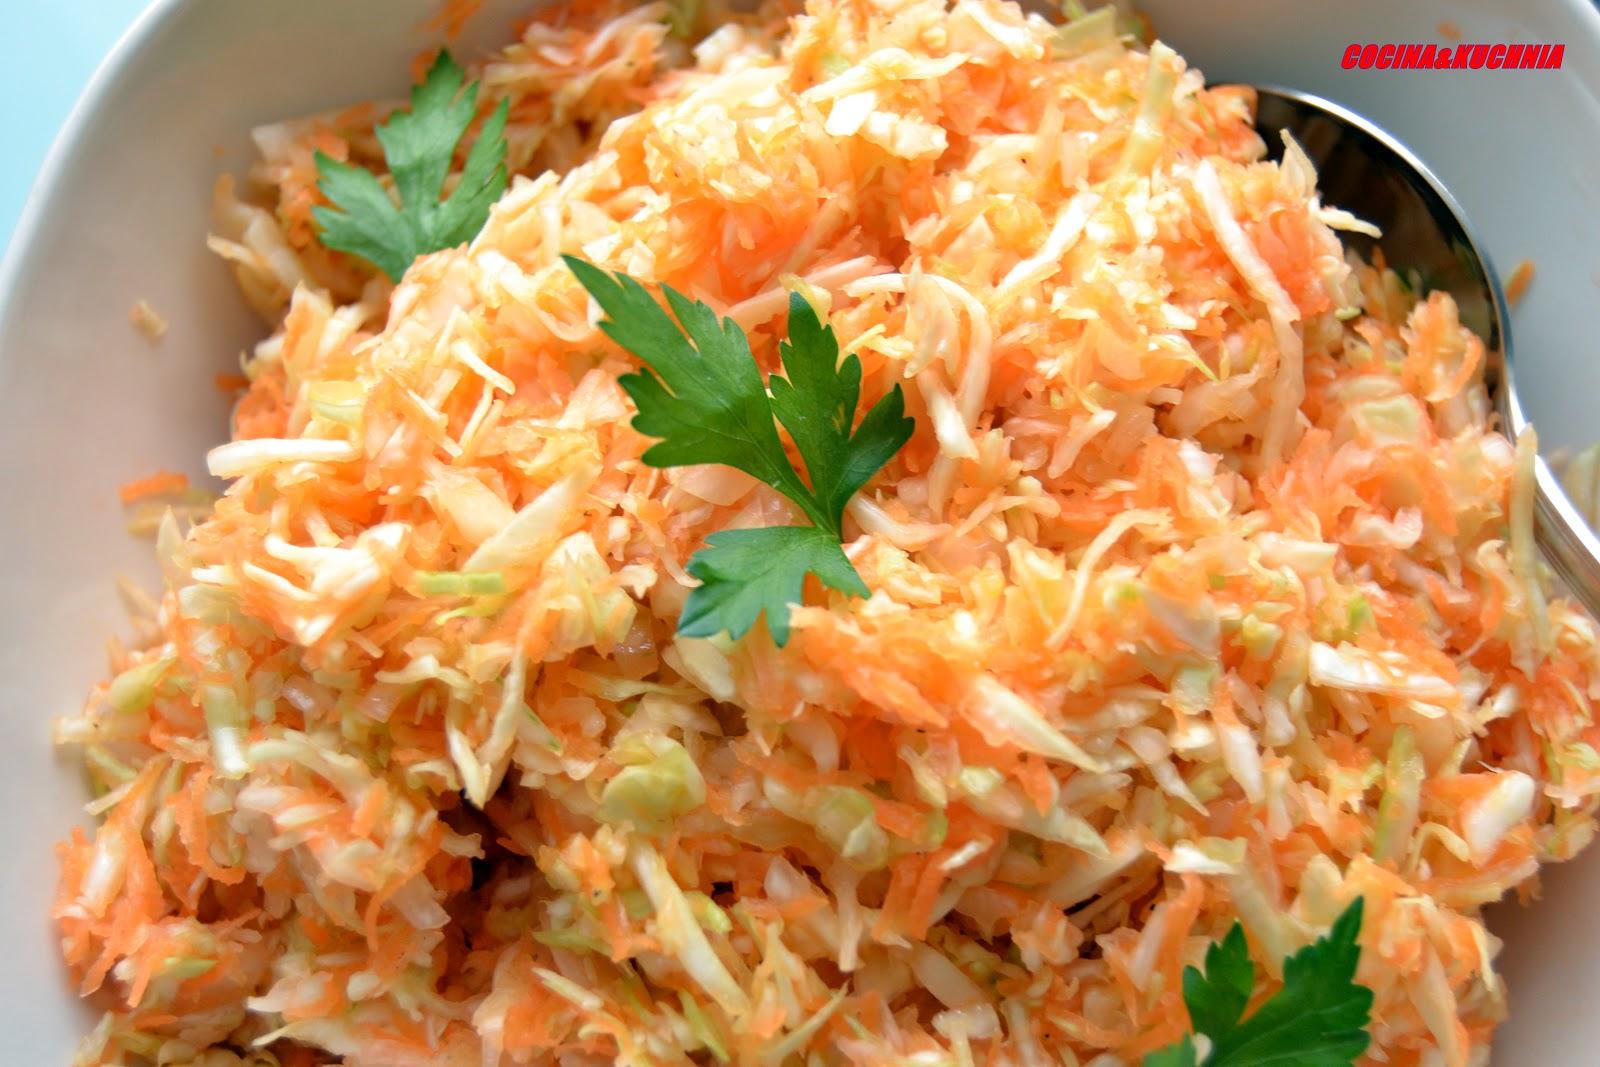 Cocina y kuchnia ensalada de repollo zanahoria y cebolla - Ensalada de apio y zanahoria ...